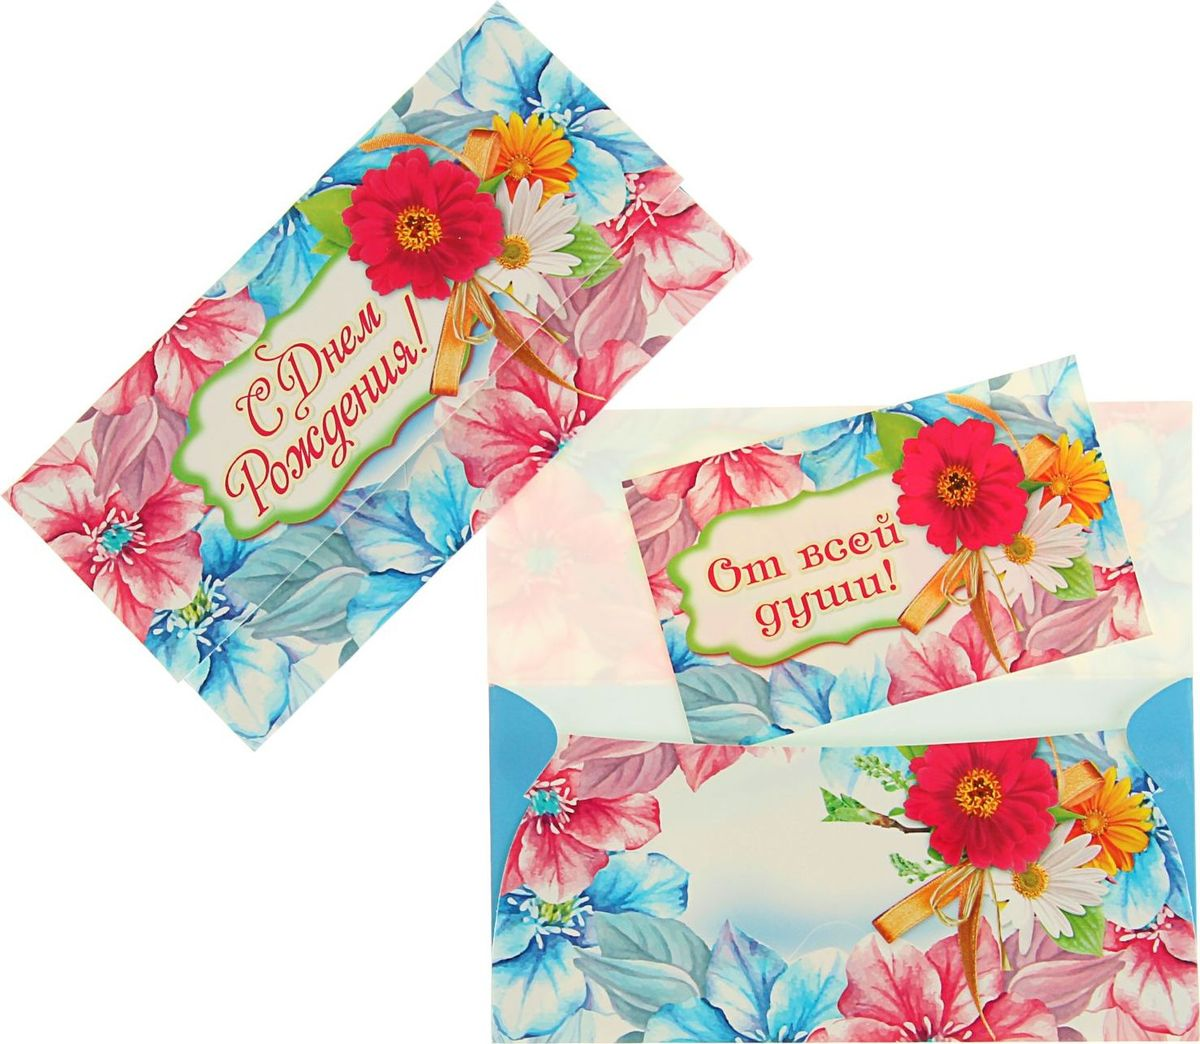 Кошками надписями, конверт открытка с днем рождения женщине красивые